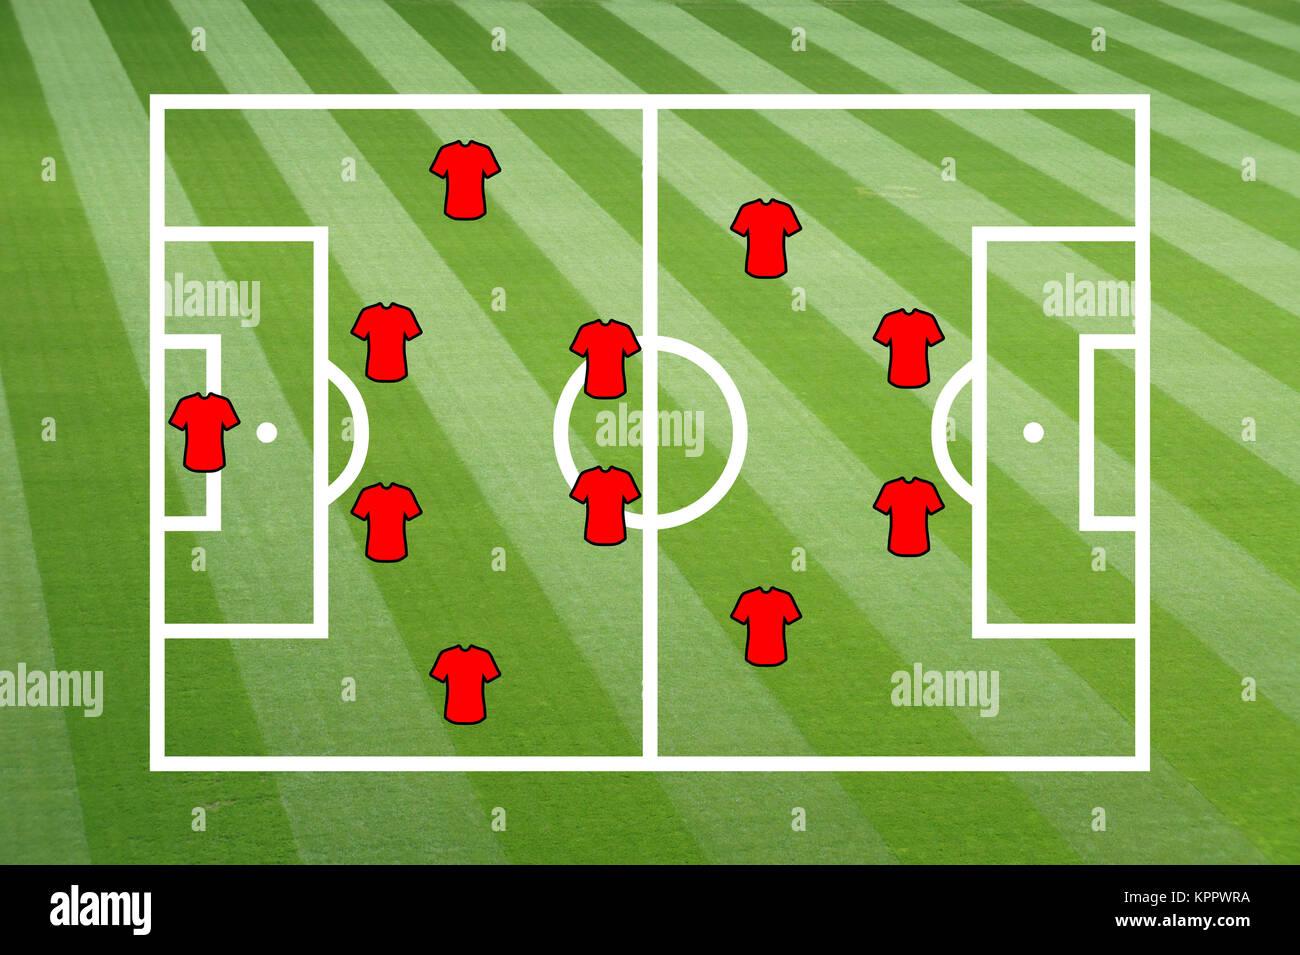 Fußballfeld mit taktischer Aufstellung - Stock Image